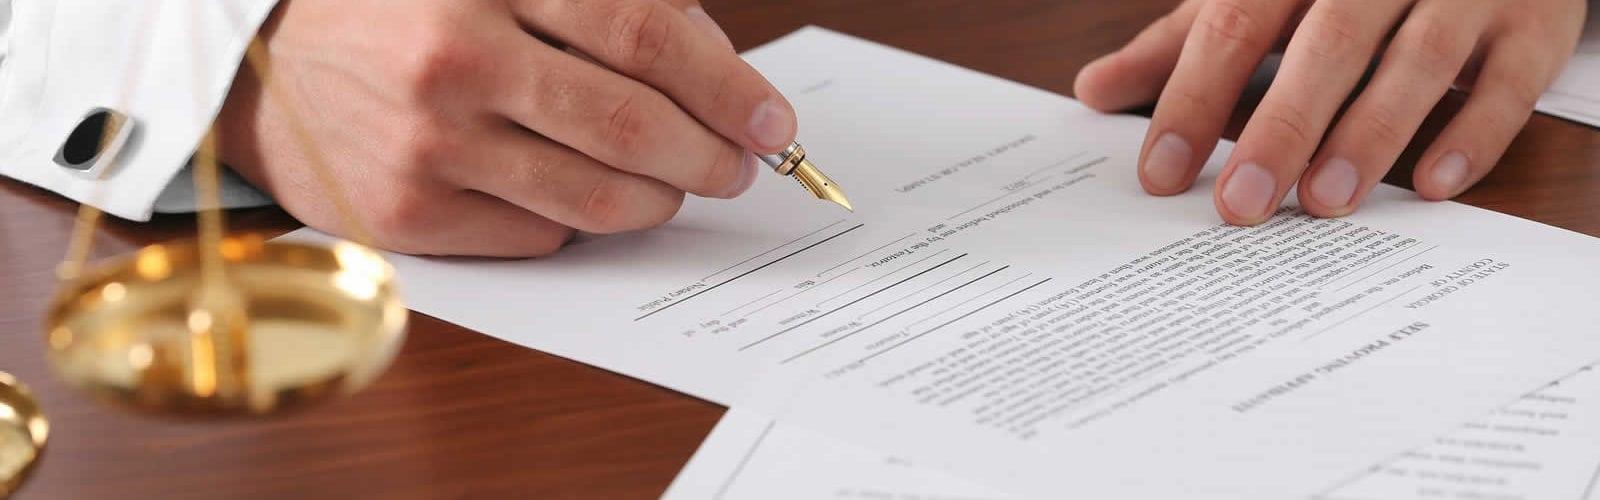 testament-succession-etats-unis-heritage-droits-privileges-une